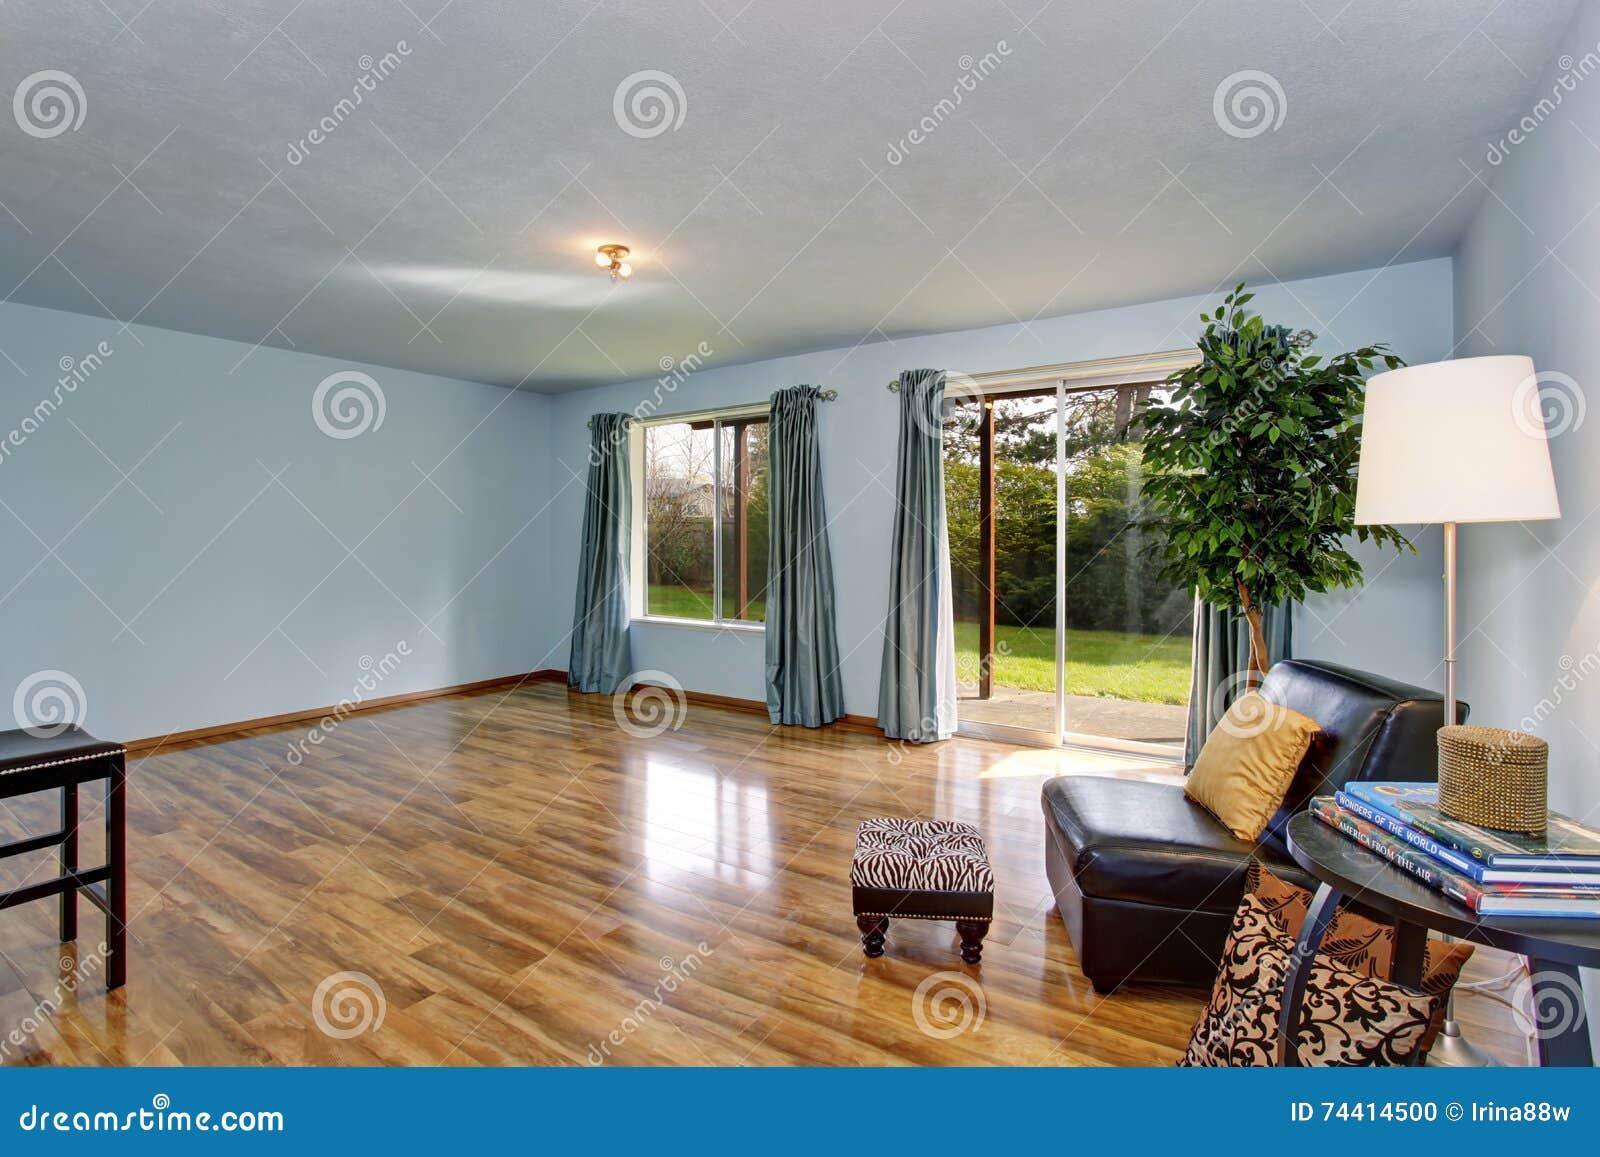 onvolledig woonkamerbinnenland met blauwe muren en blauwe gordijnen